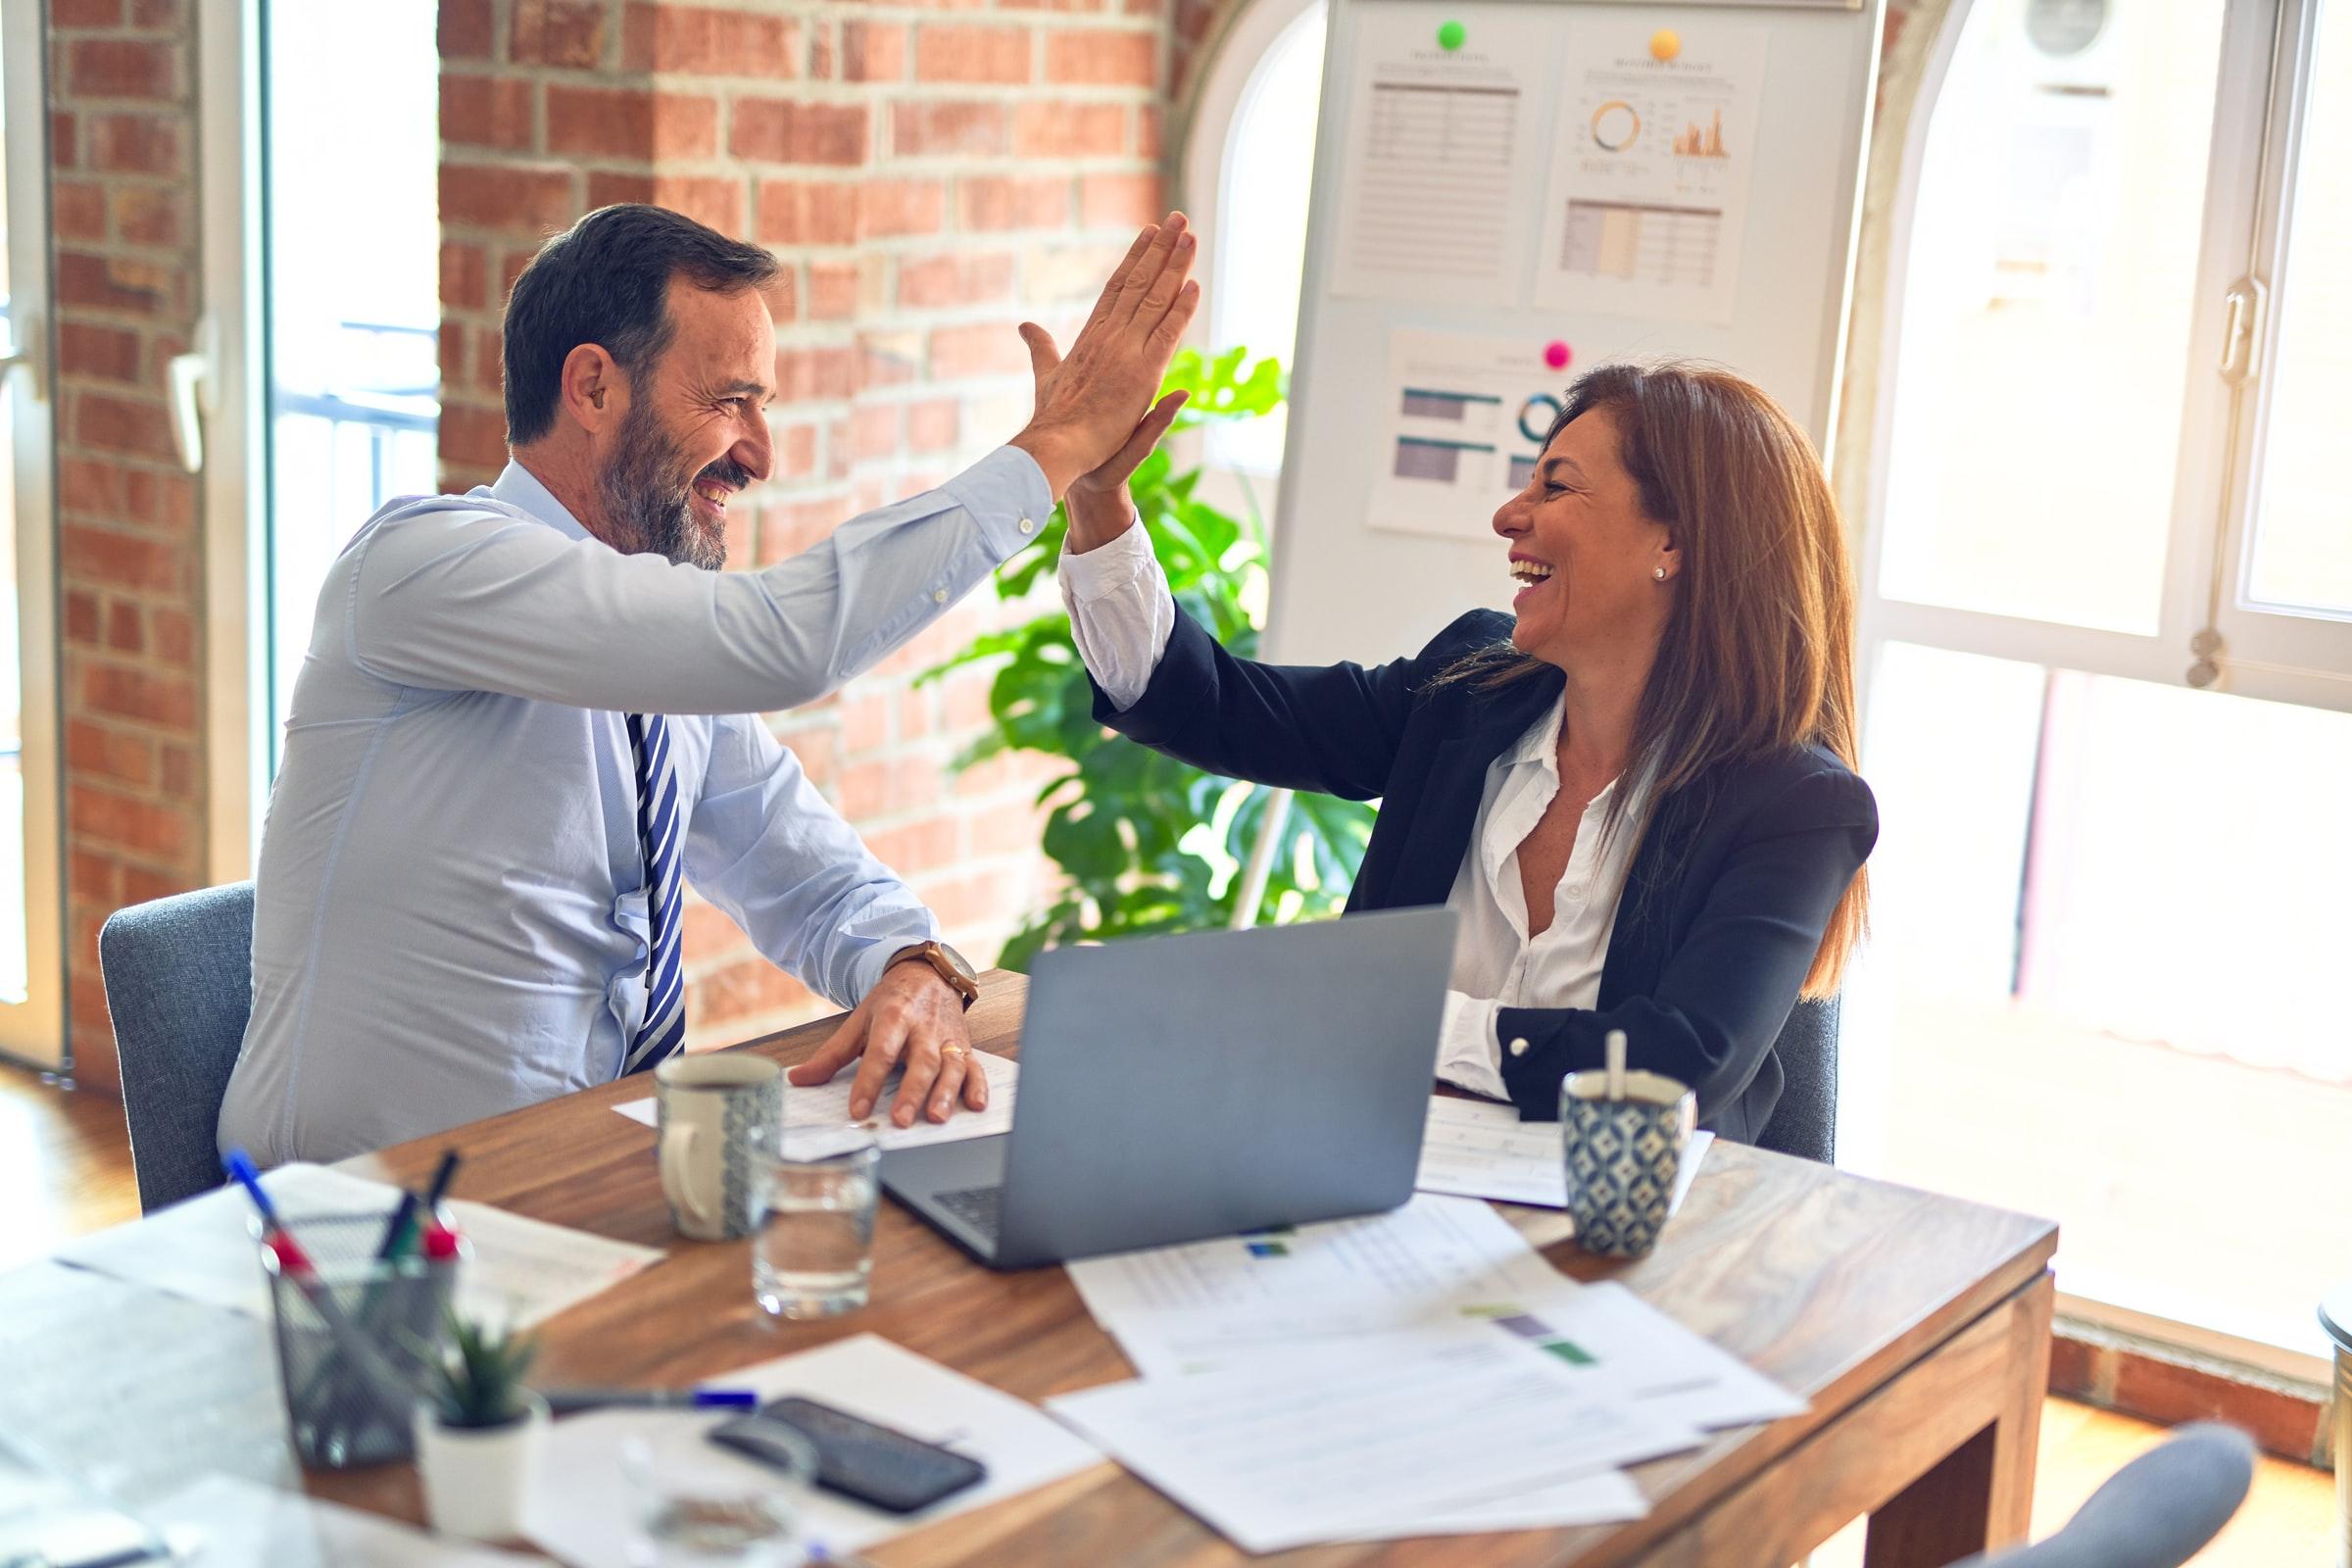 حدود الزمالة في العمل والدرس قد تصبح غير واضحة